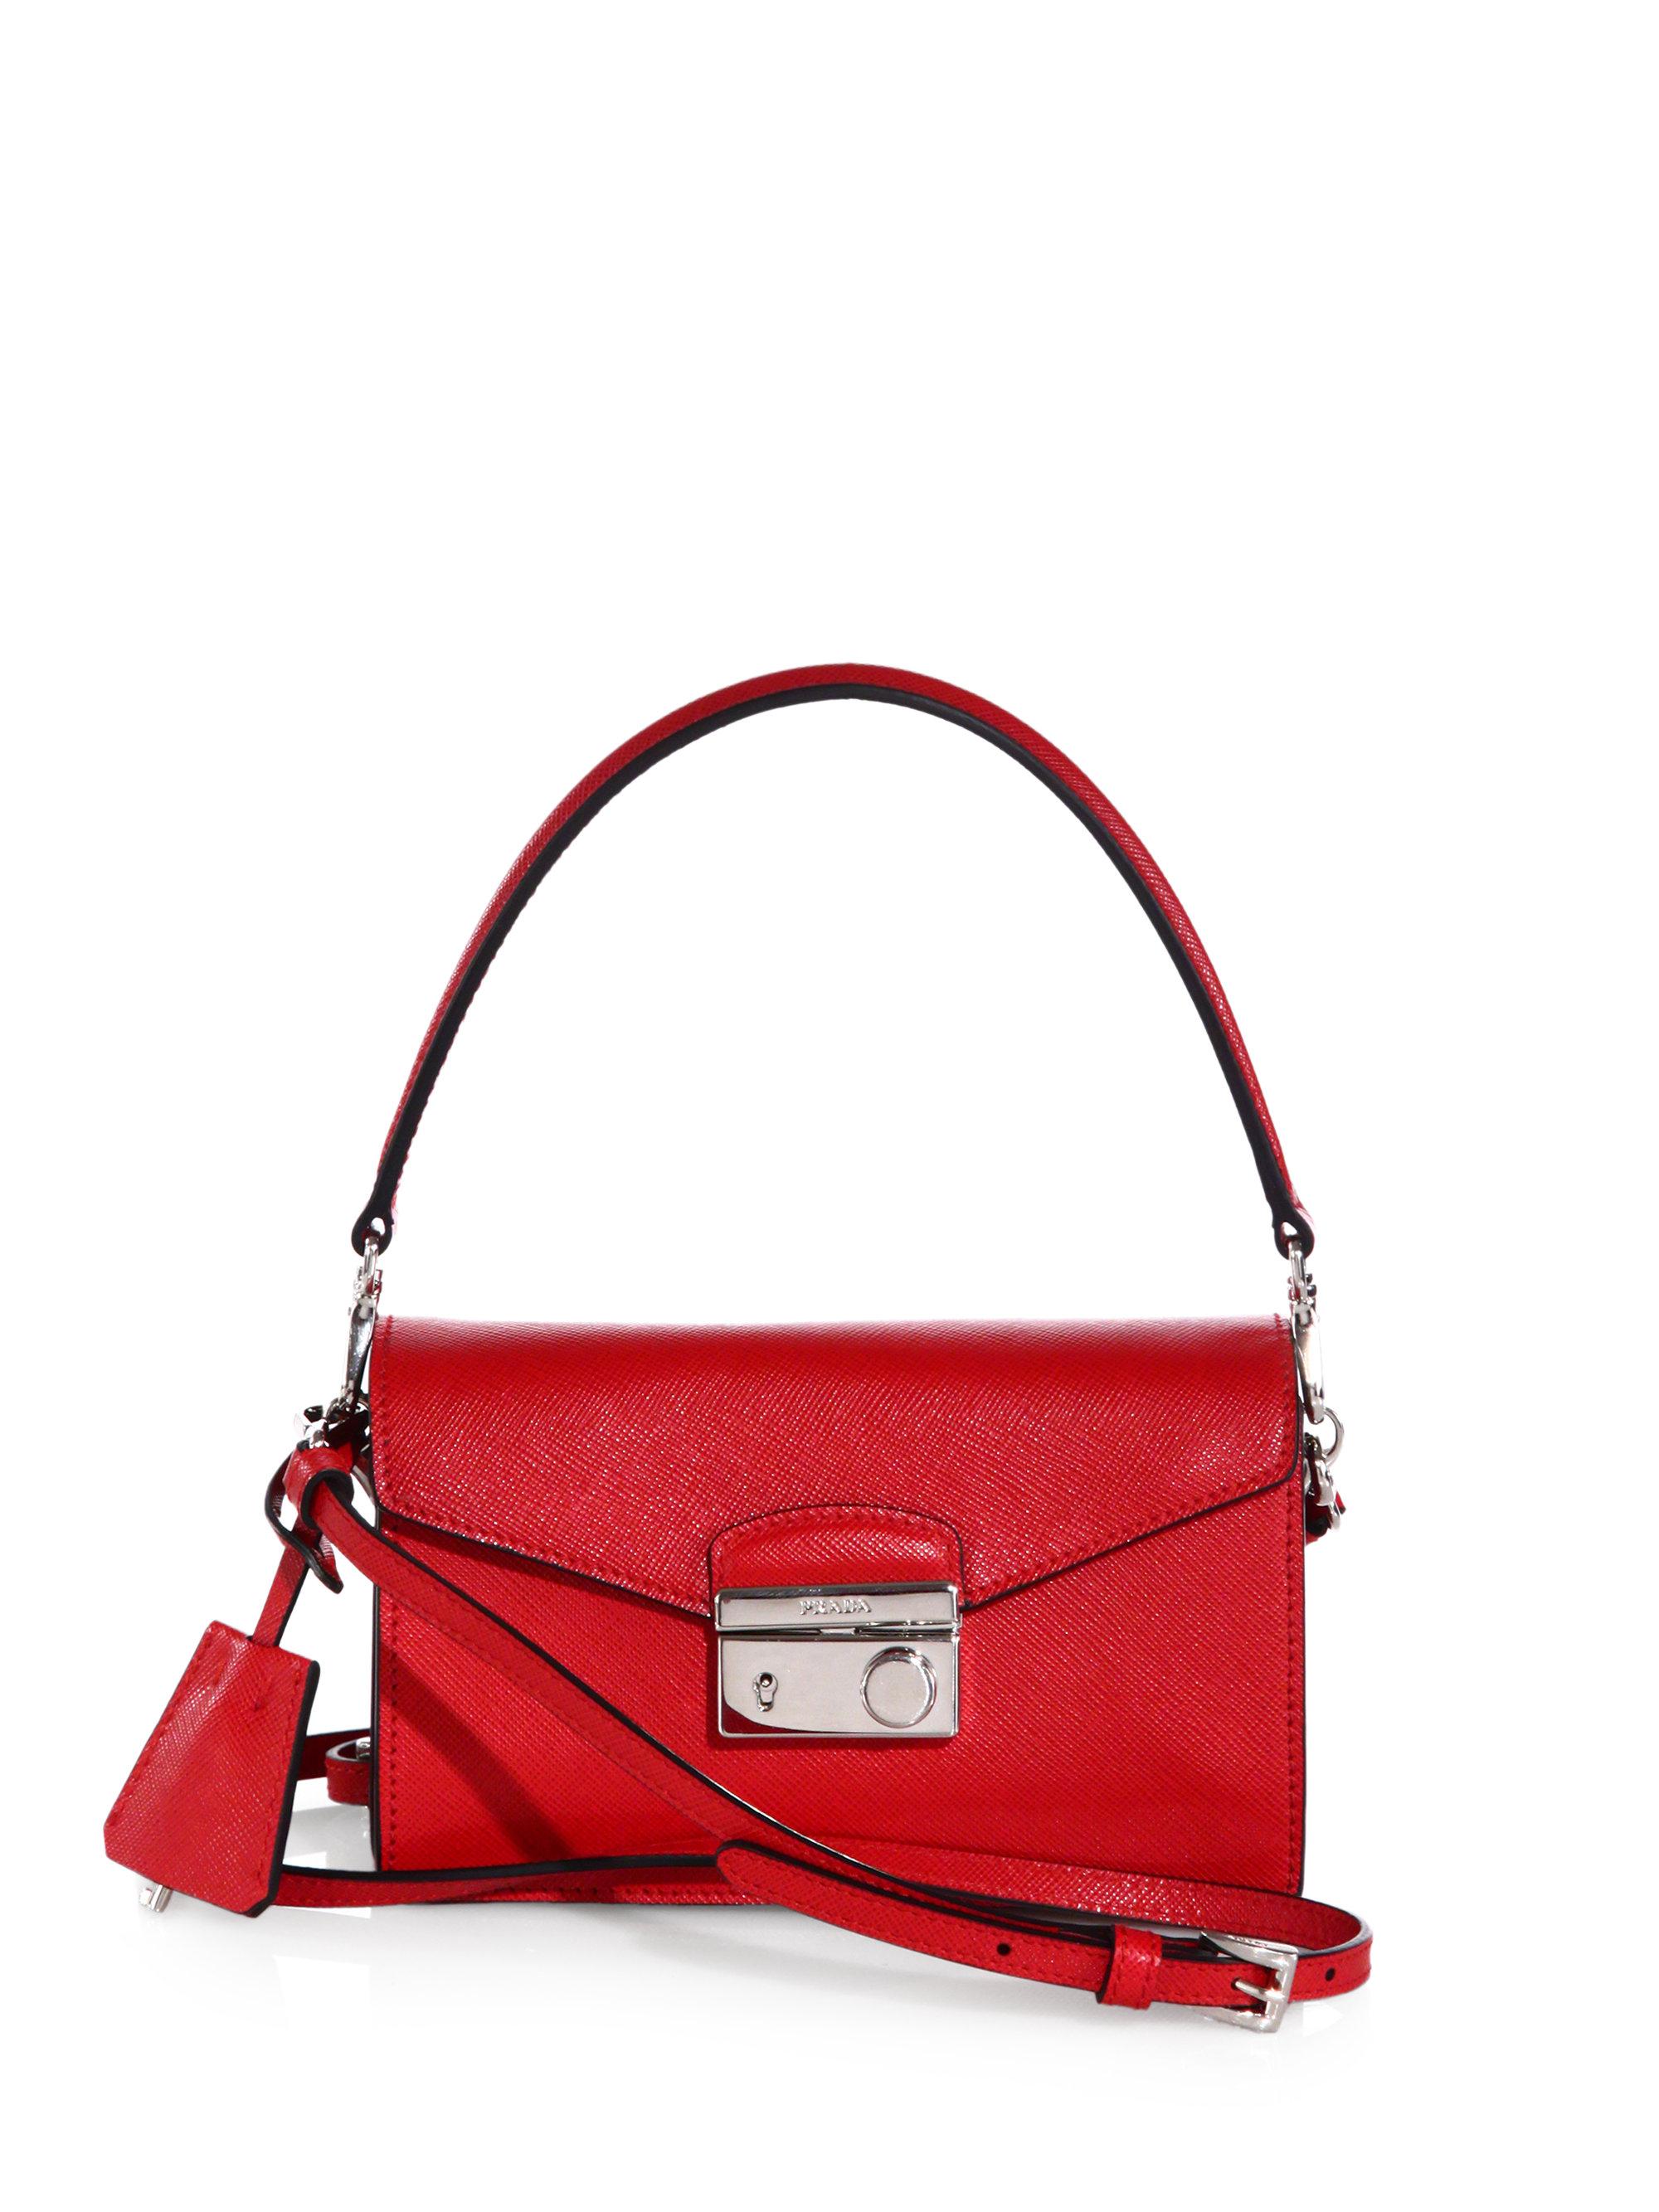 82ea247d735c ... promo code for lyst prada saffiano leather mini sound crossbody bag in  red 7050e bb824